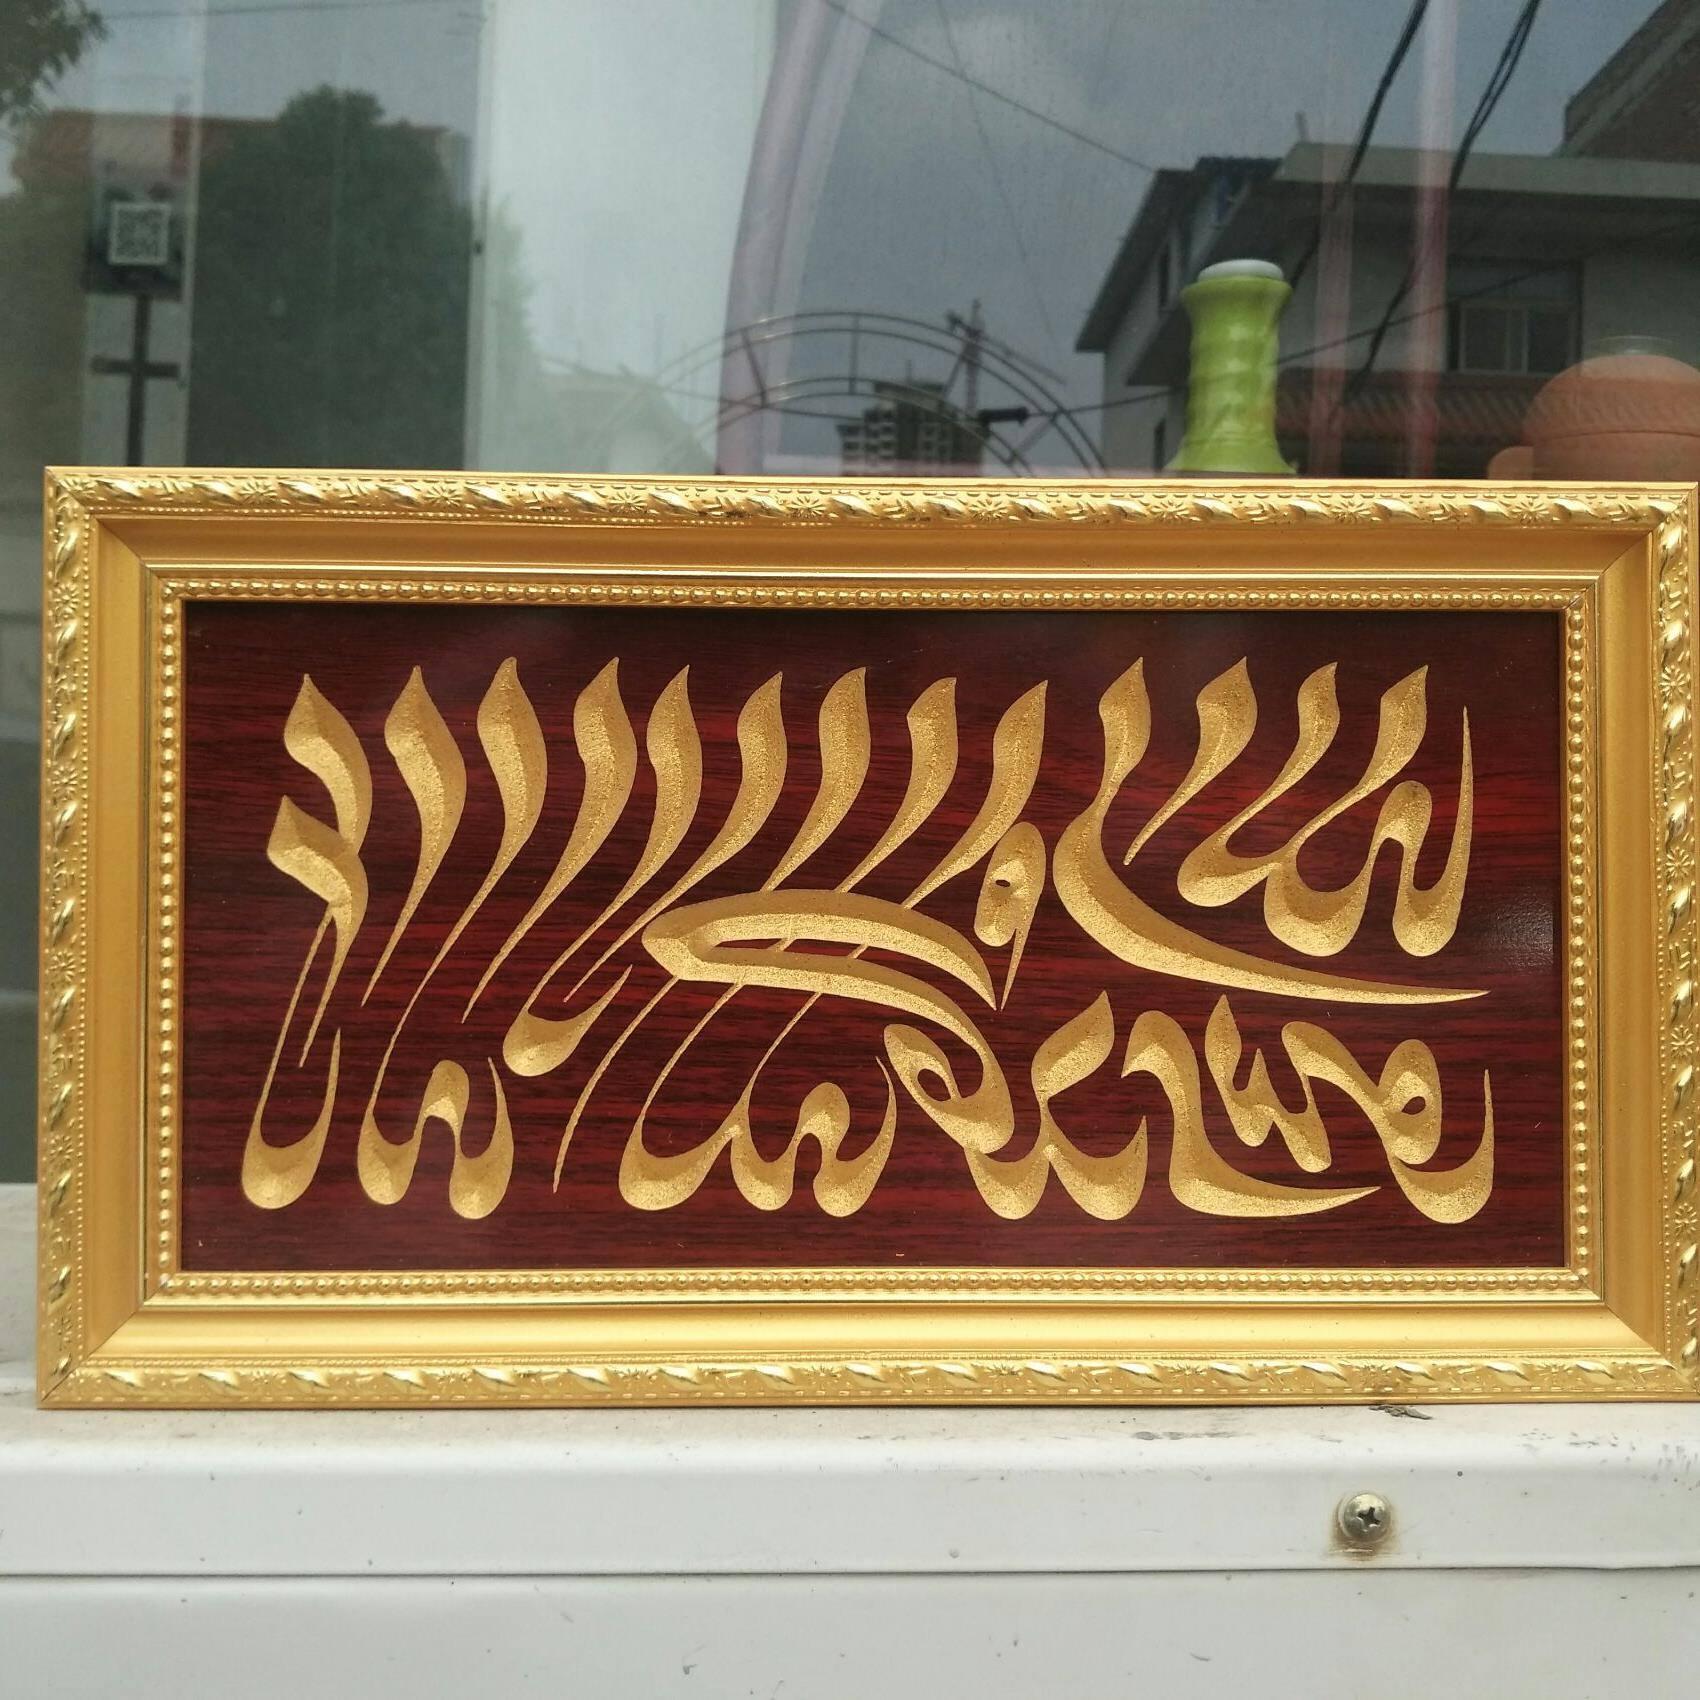 回族用品门头杜瓦木质雕刻经文门头泰斯米清真言求护词门牌都阿39